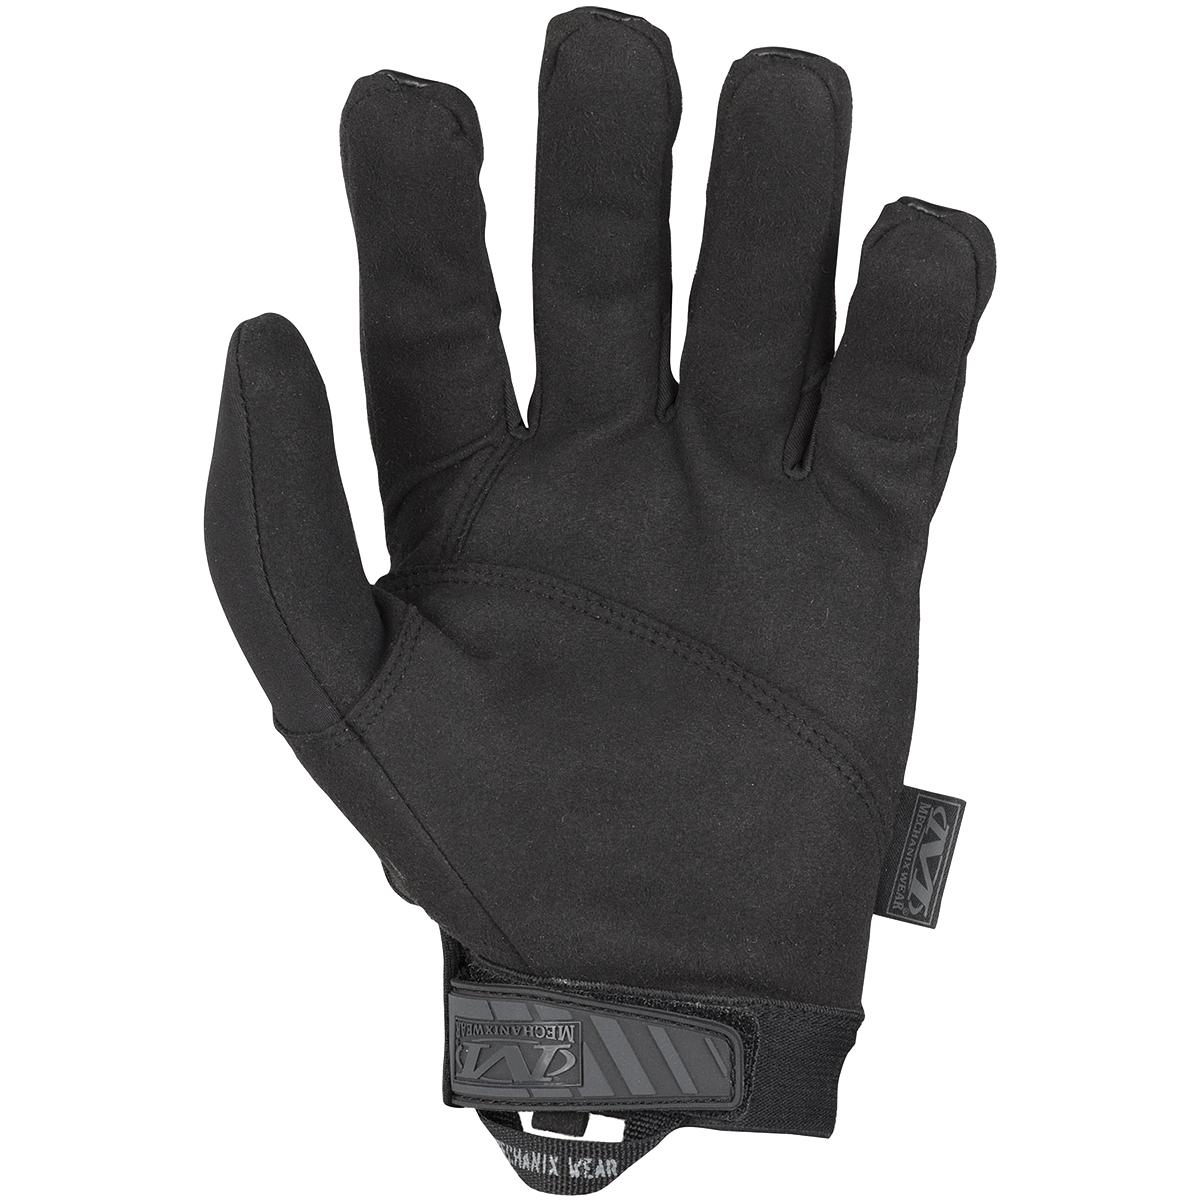 TSRE-55-008 Industria, empresas y ciencia Guantes de especialidad táctica Mechanix Wear